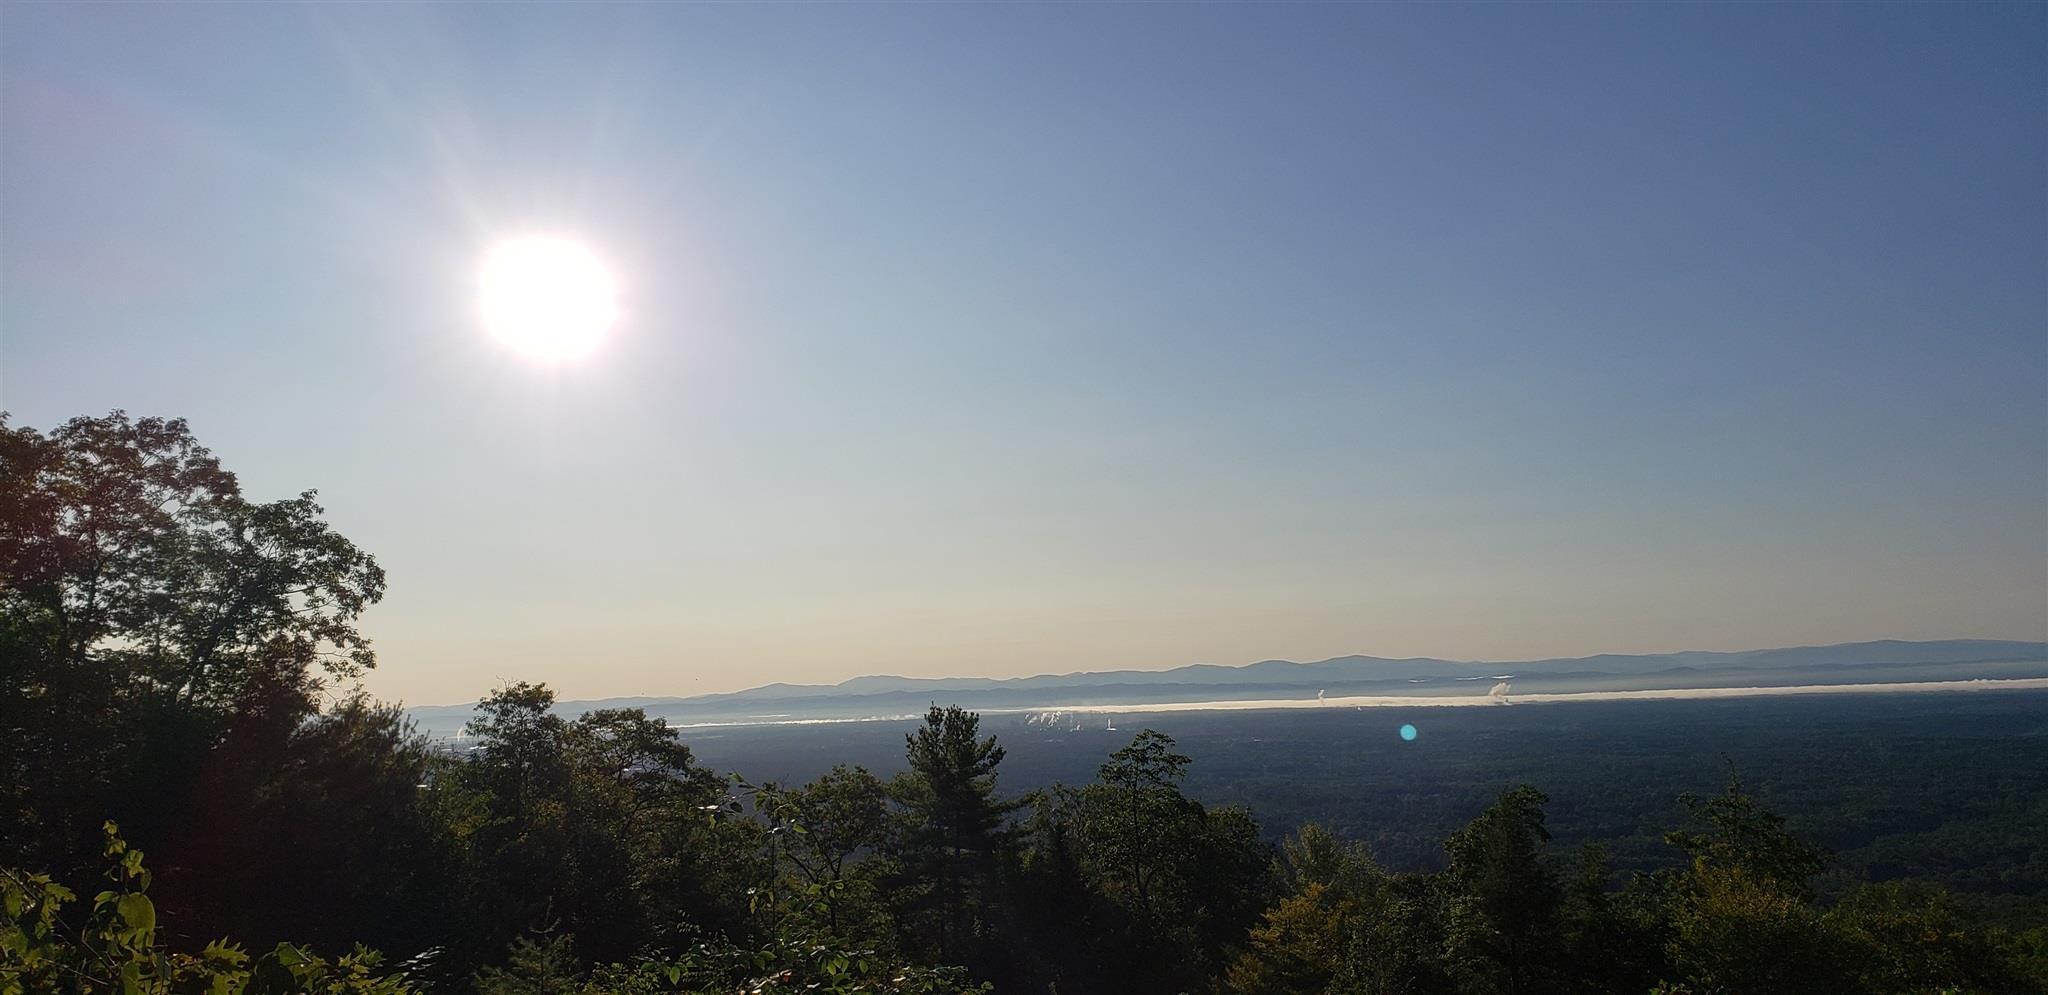 Lake Lazur image 5